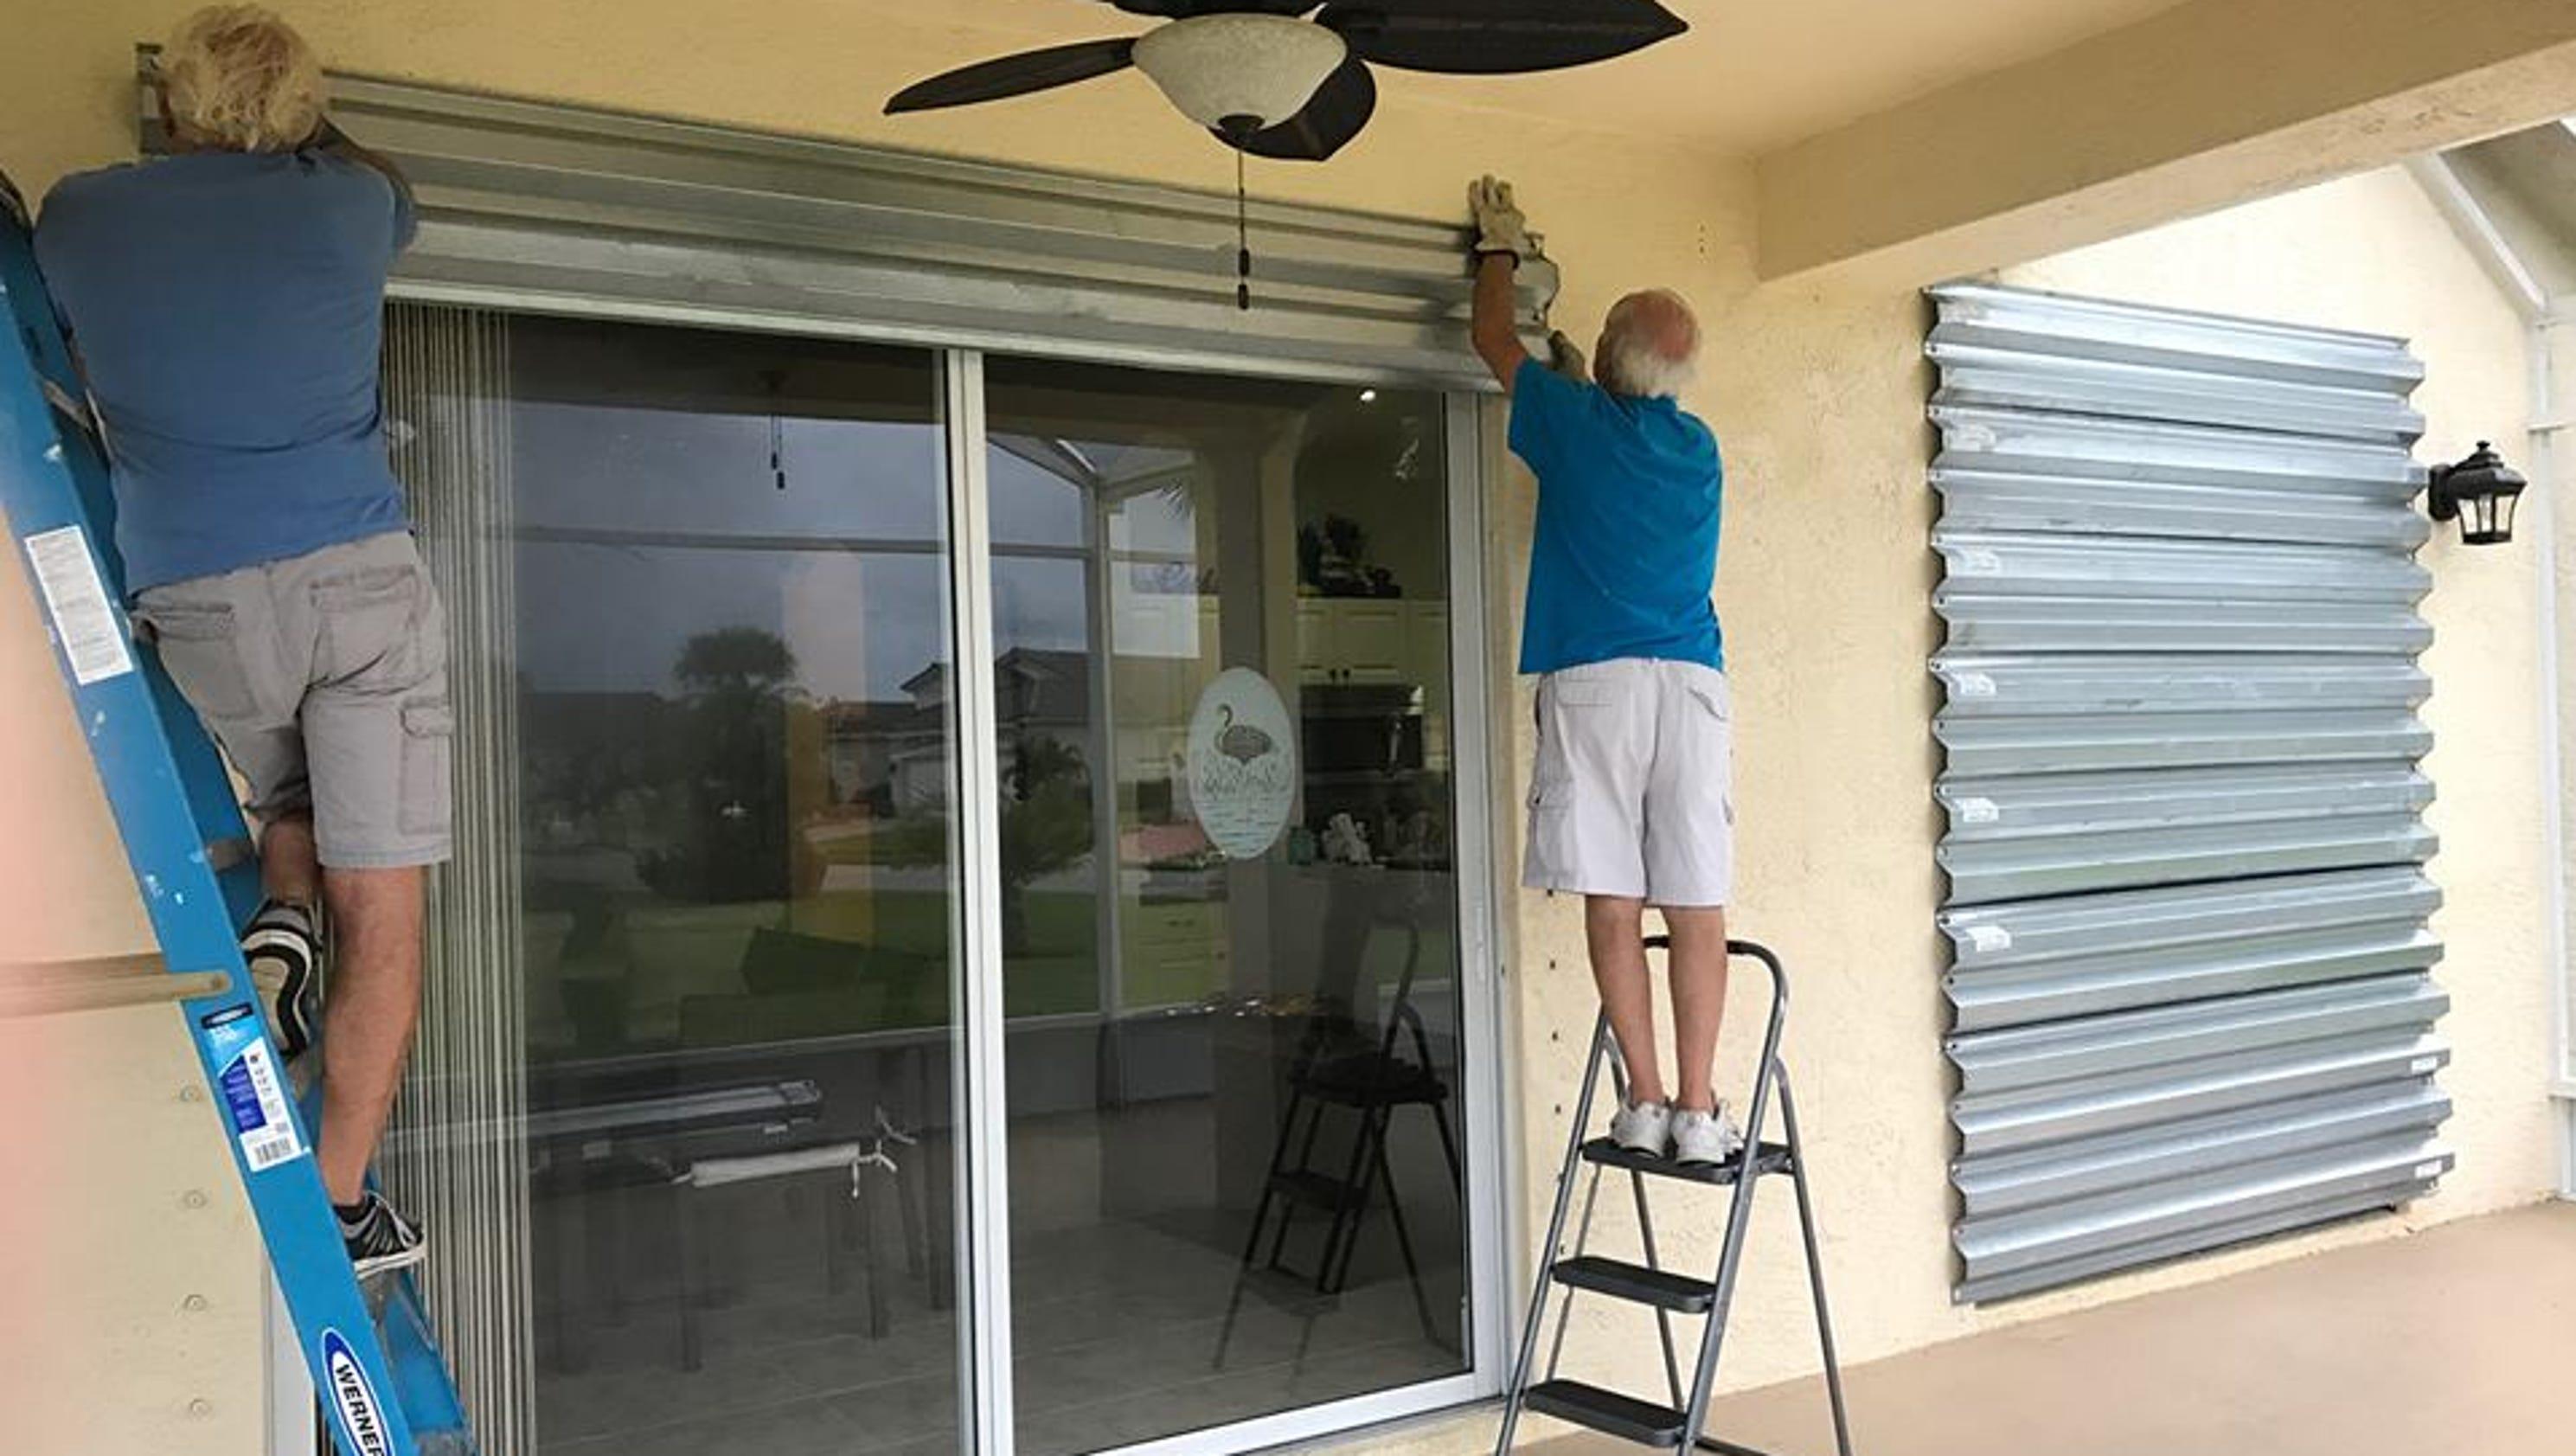 sale pines condos htm beach pembroke garage condo a type property select hollywood hyde repair for door hallandale